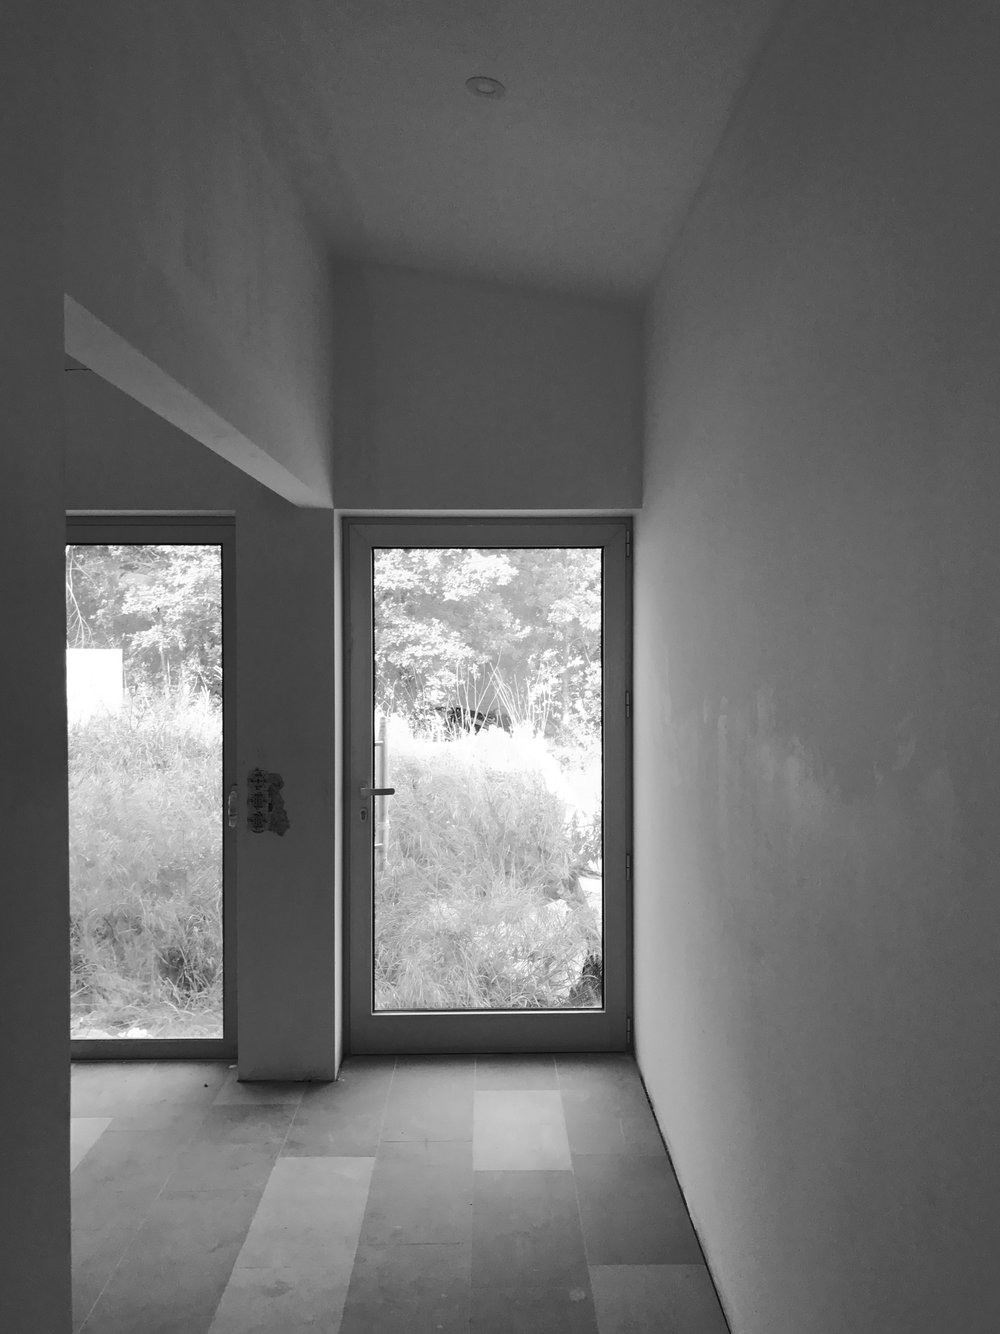 Moradia S+N - arquitectura - arquitectos - porto - oliveira de azemeis - construção - projecto - eva evolutionary architecture (15).jpg